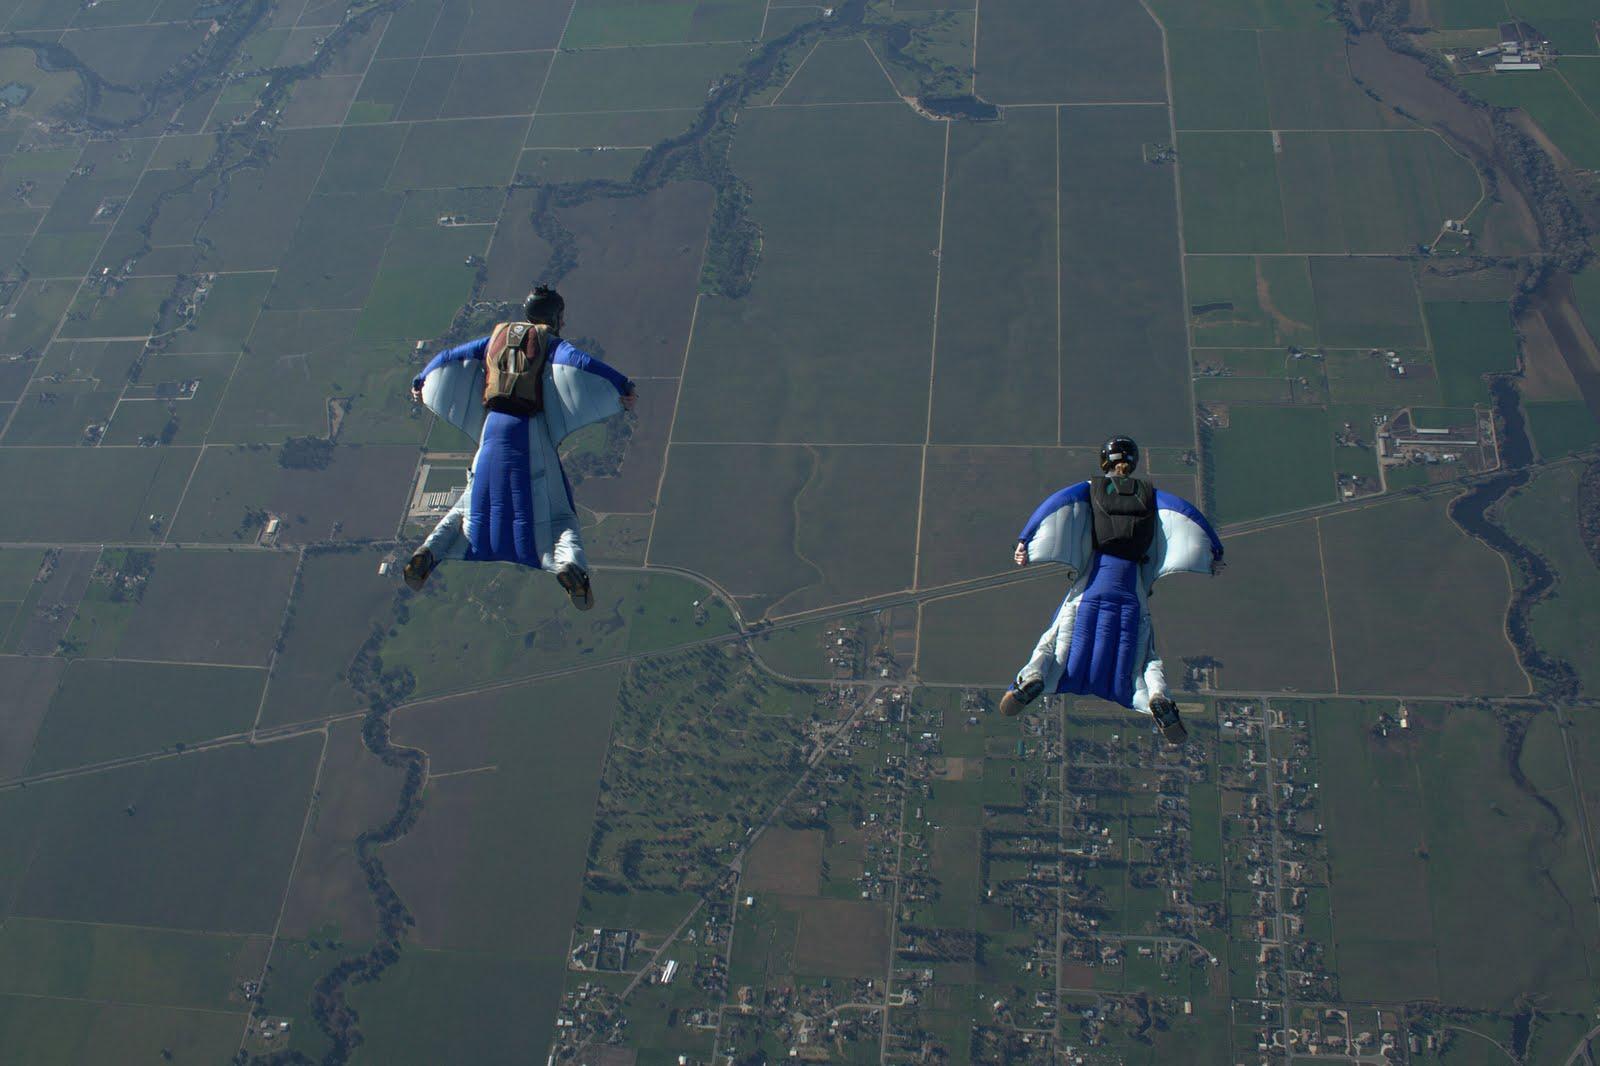 Wingsuit Wallpaper - WallpaperSafari